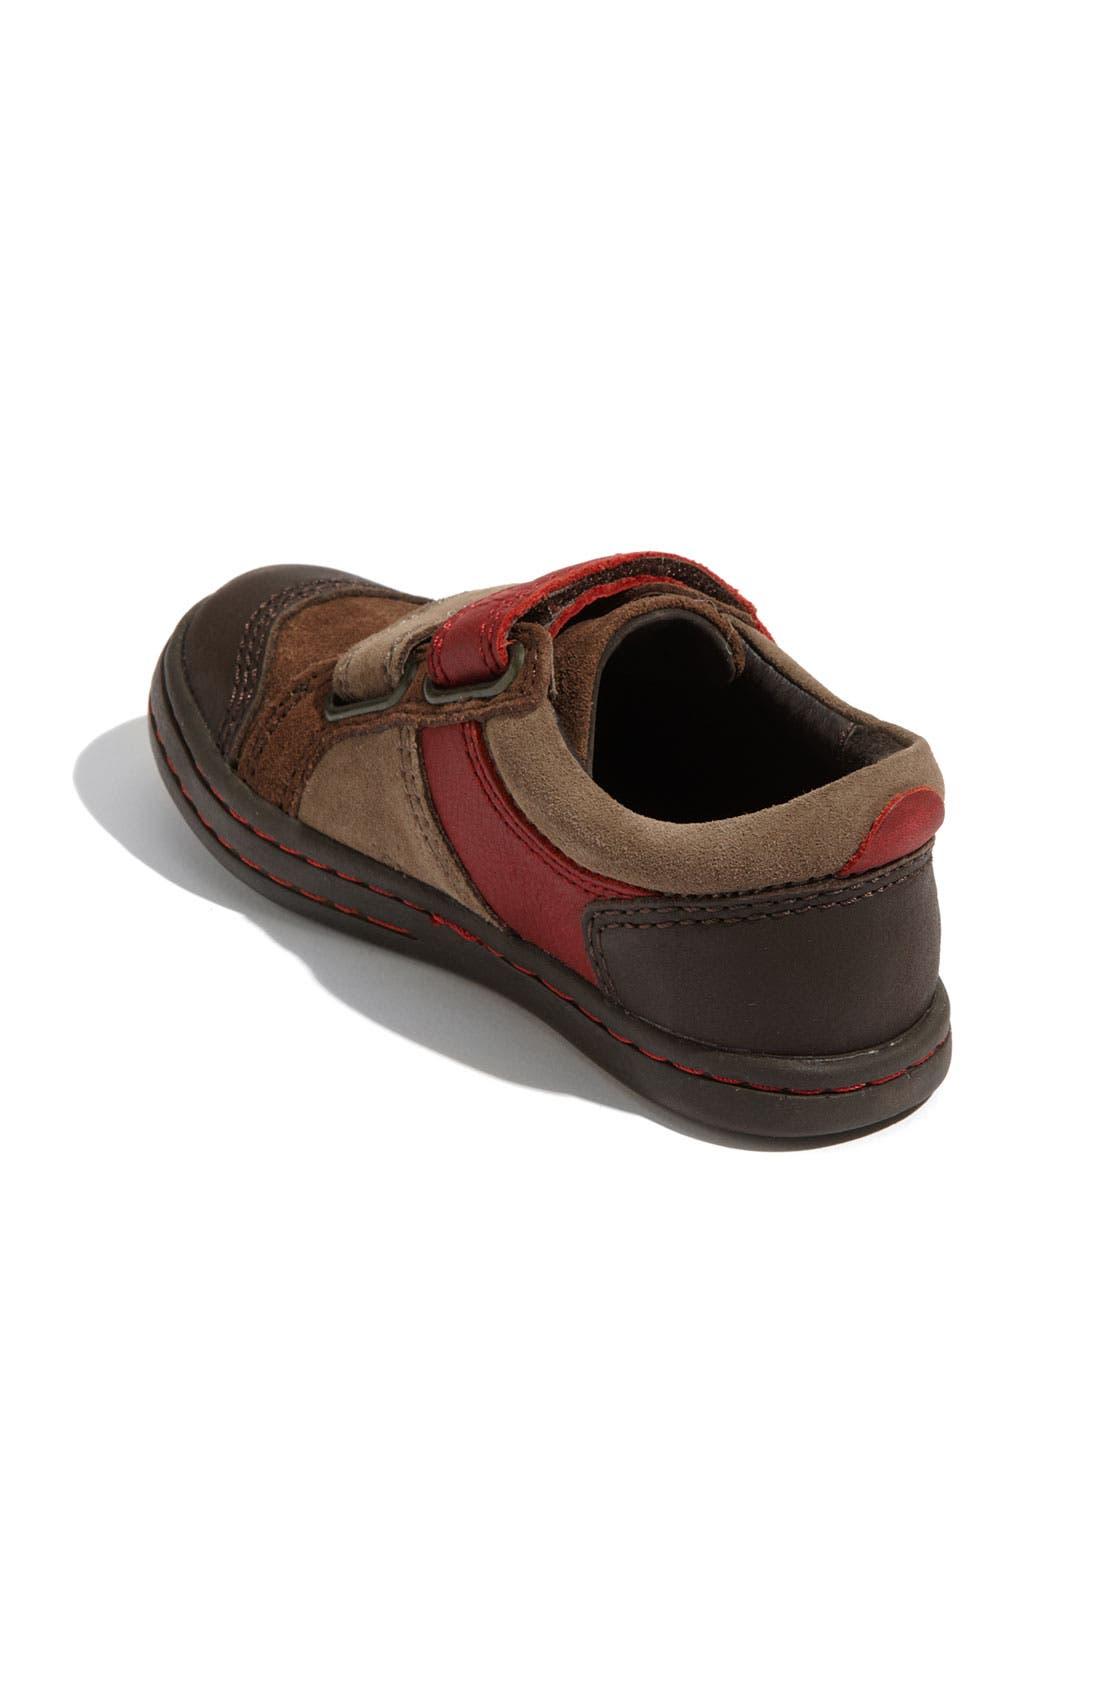 Alternate Image 2  - Kickers 'Jump' Shoe (Toddler)